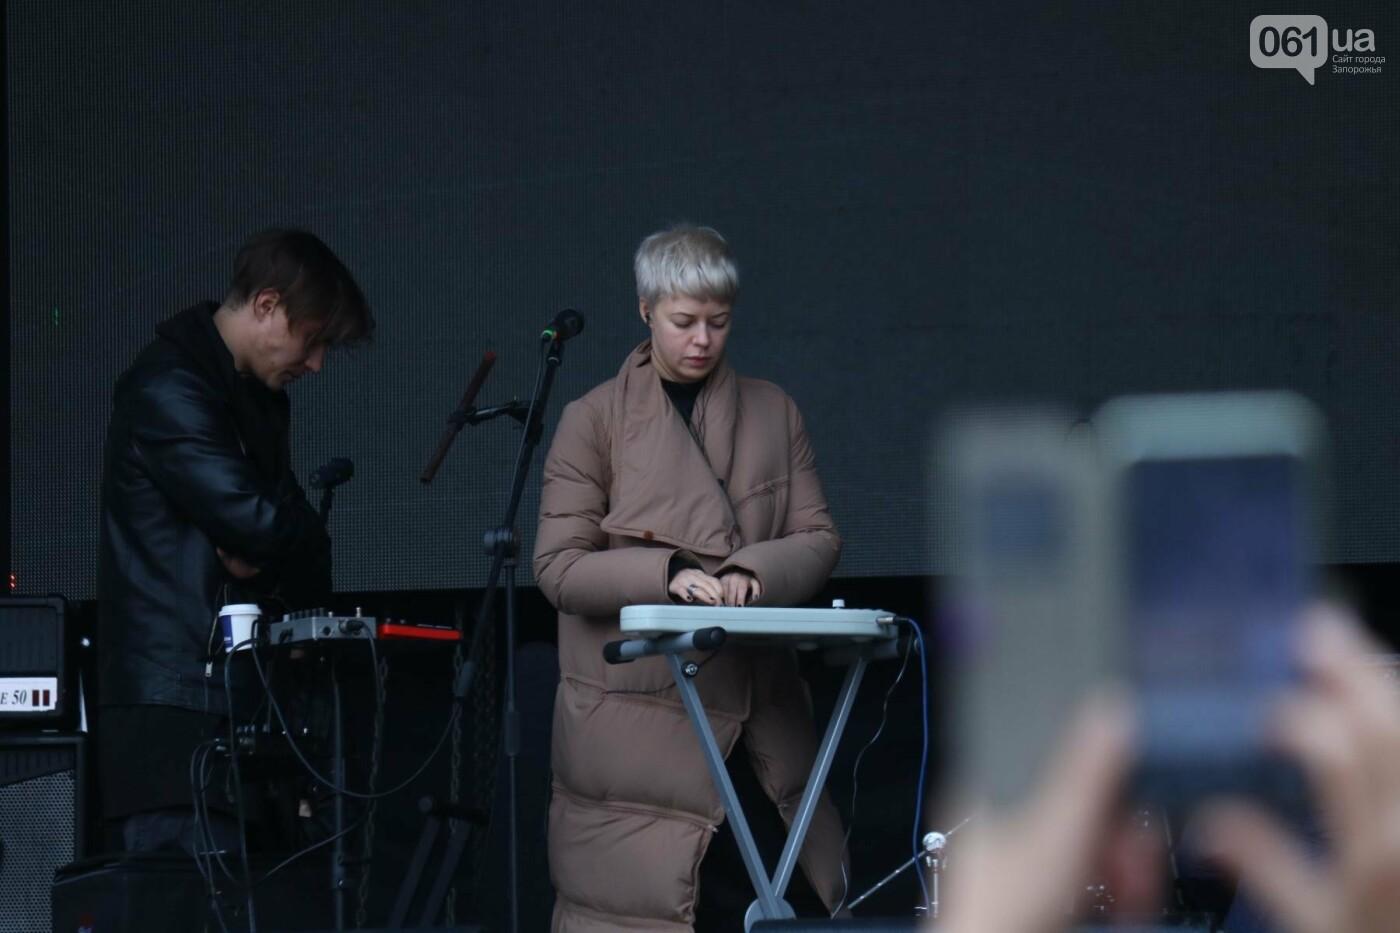 В парке Трудовой славы Onuka провела саундчек перед вечерним концертом, - ФОТО , фото-5